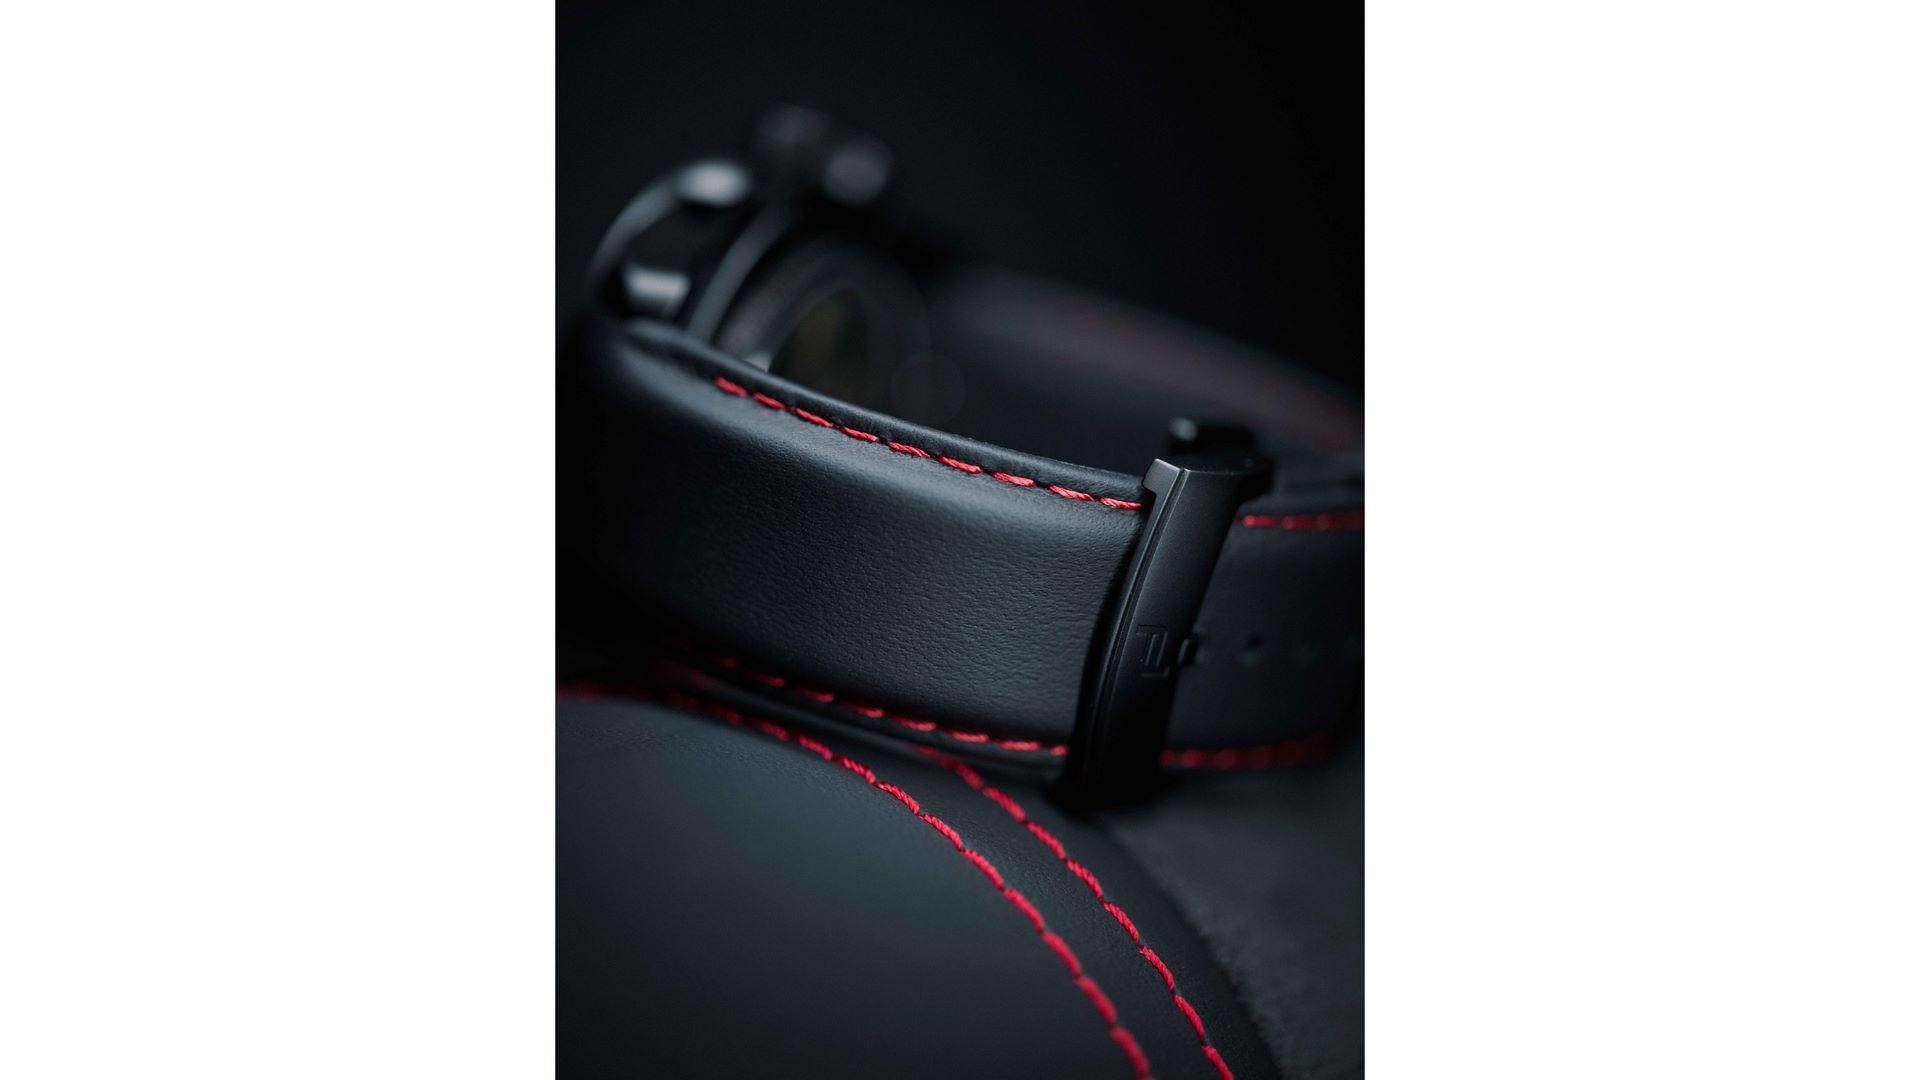 Porsche-Design-Watches-Personalize-15